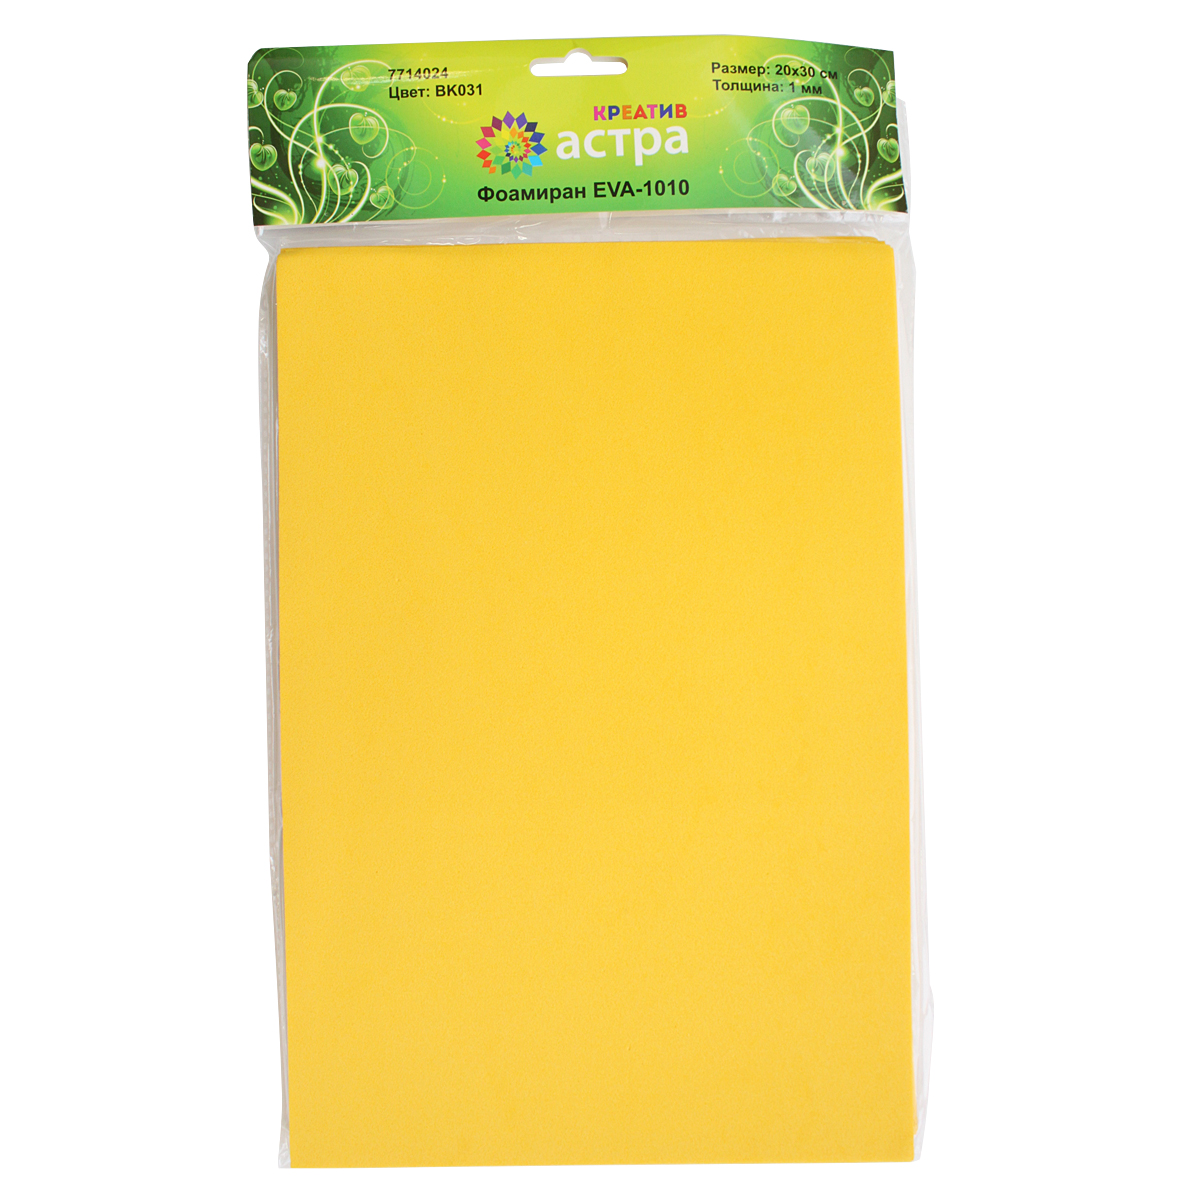 Фоамиран Астра, цвет: темно-желтый, 20 х 30 см, 10 шт7714024_BK031 темно-желтыйФоамиран Астра - это пластичная замша, ее можно применить для создания разнообразного вида декора: открытки, магнитики, цветы, забавные игрушки и т.д. Главная особенность материала фоамиран заключается в его способности к незначительному растяжению, которого вполне достаточно для «запоминания» изделием своей формы.На ощупь мягкая синтетическая замша очень приятна и податлива, поэтому работать с ней не составит труда даже начинающему.Размер ткани: 200 x 300 мм. В упаковке 10 штук.